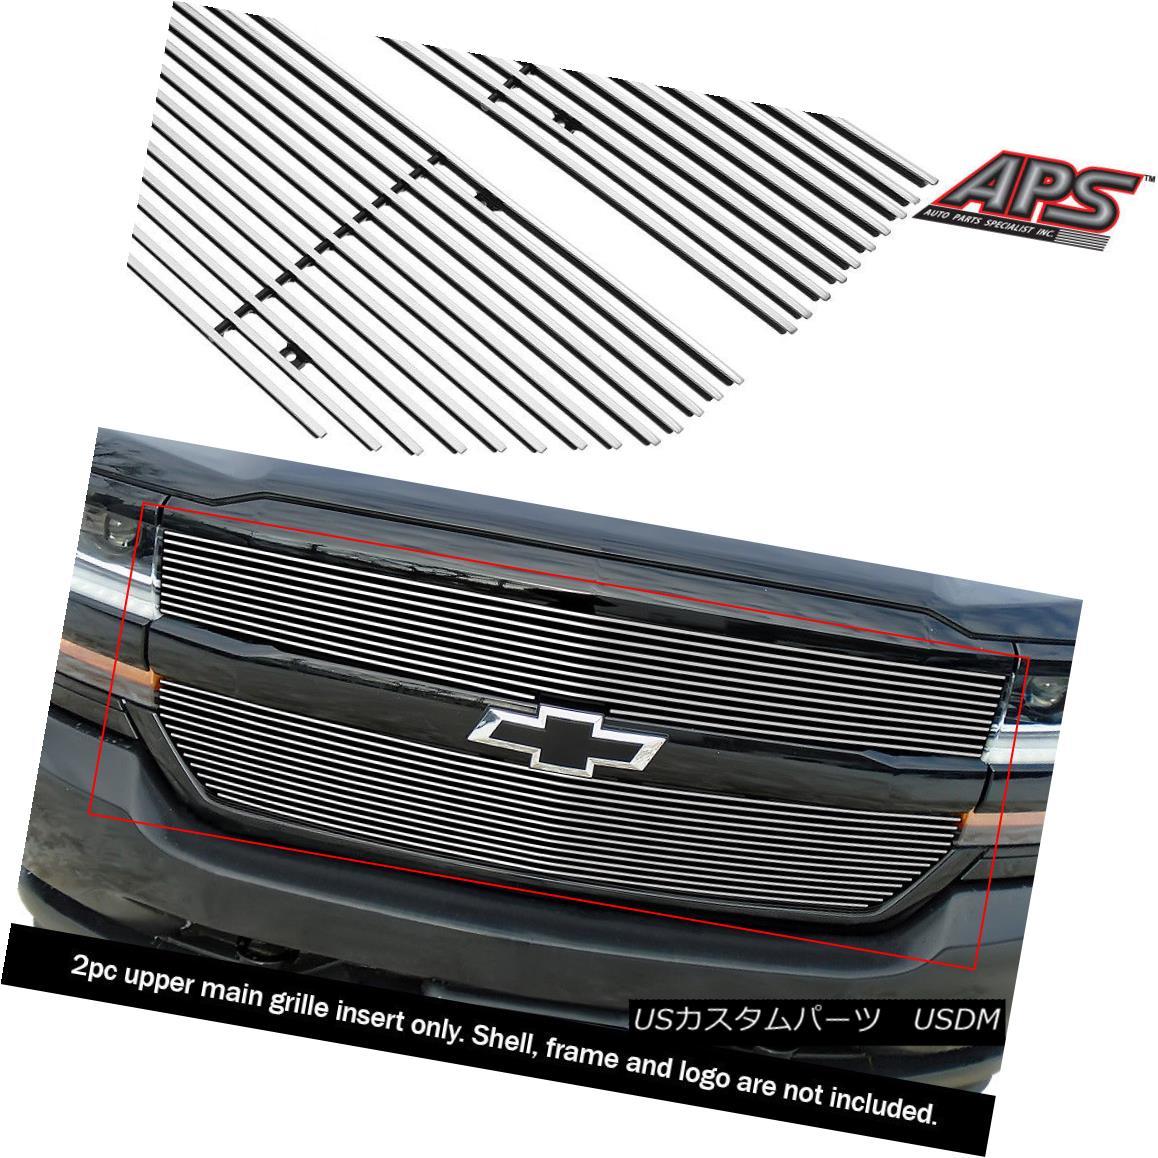 グリル Fits 2016-2018 Chevy Silverado 1500 Main Upper Bille Grille Insert 2016-2018 Chevy Silverado 1500メインアッパービレットグリルインサート